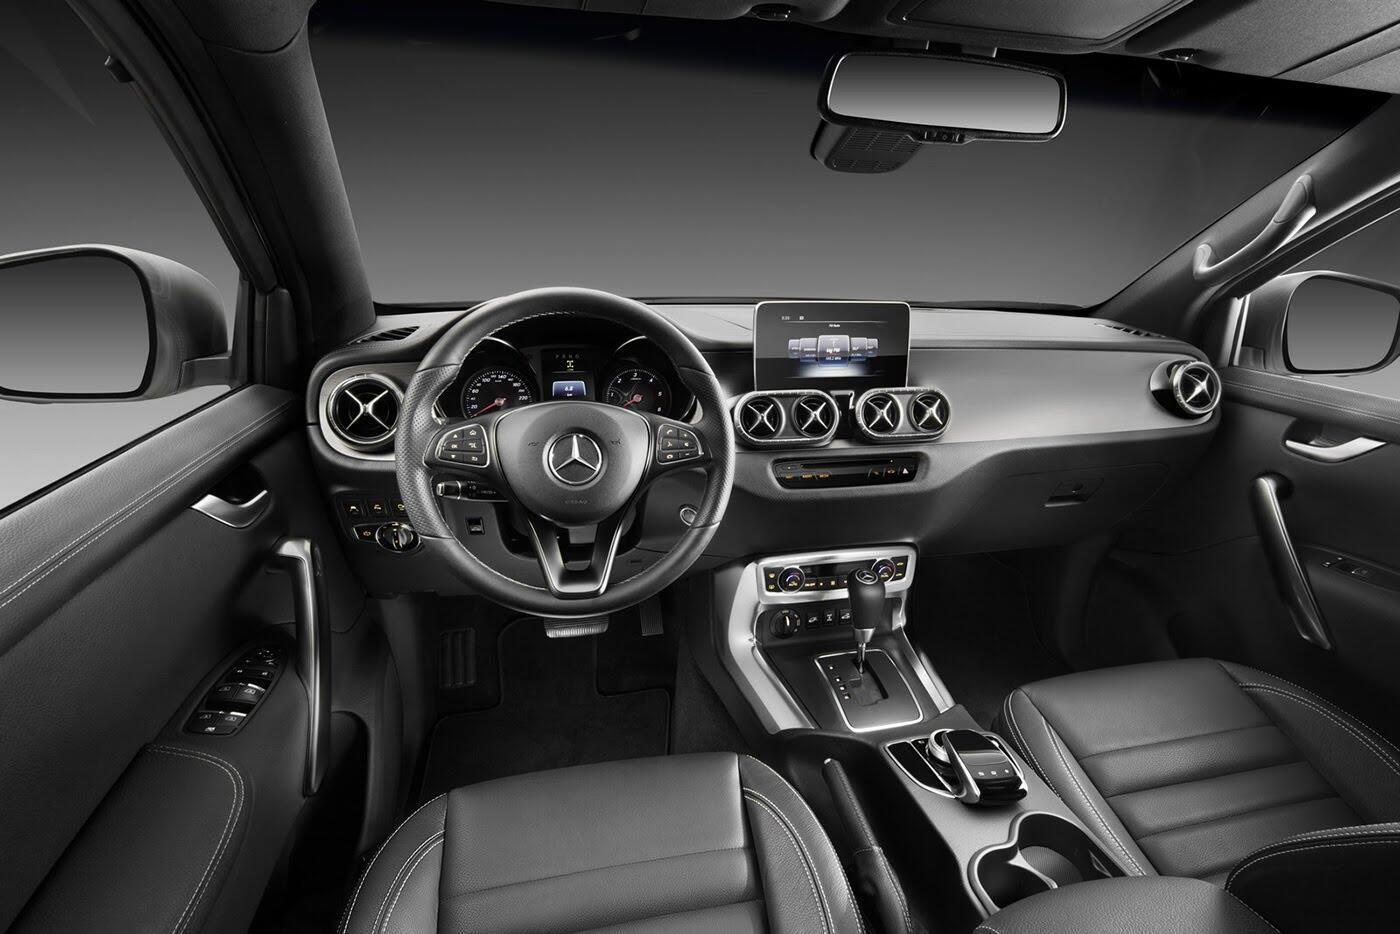 Bán tải Mercedes-Benz X-Class sẽ không có phiên bản động cơ V8 4.0L - Hình 6